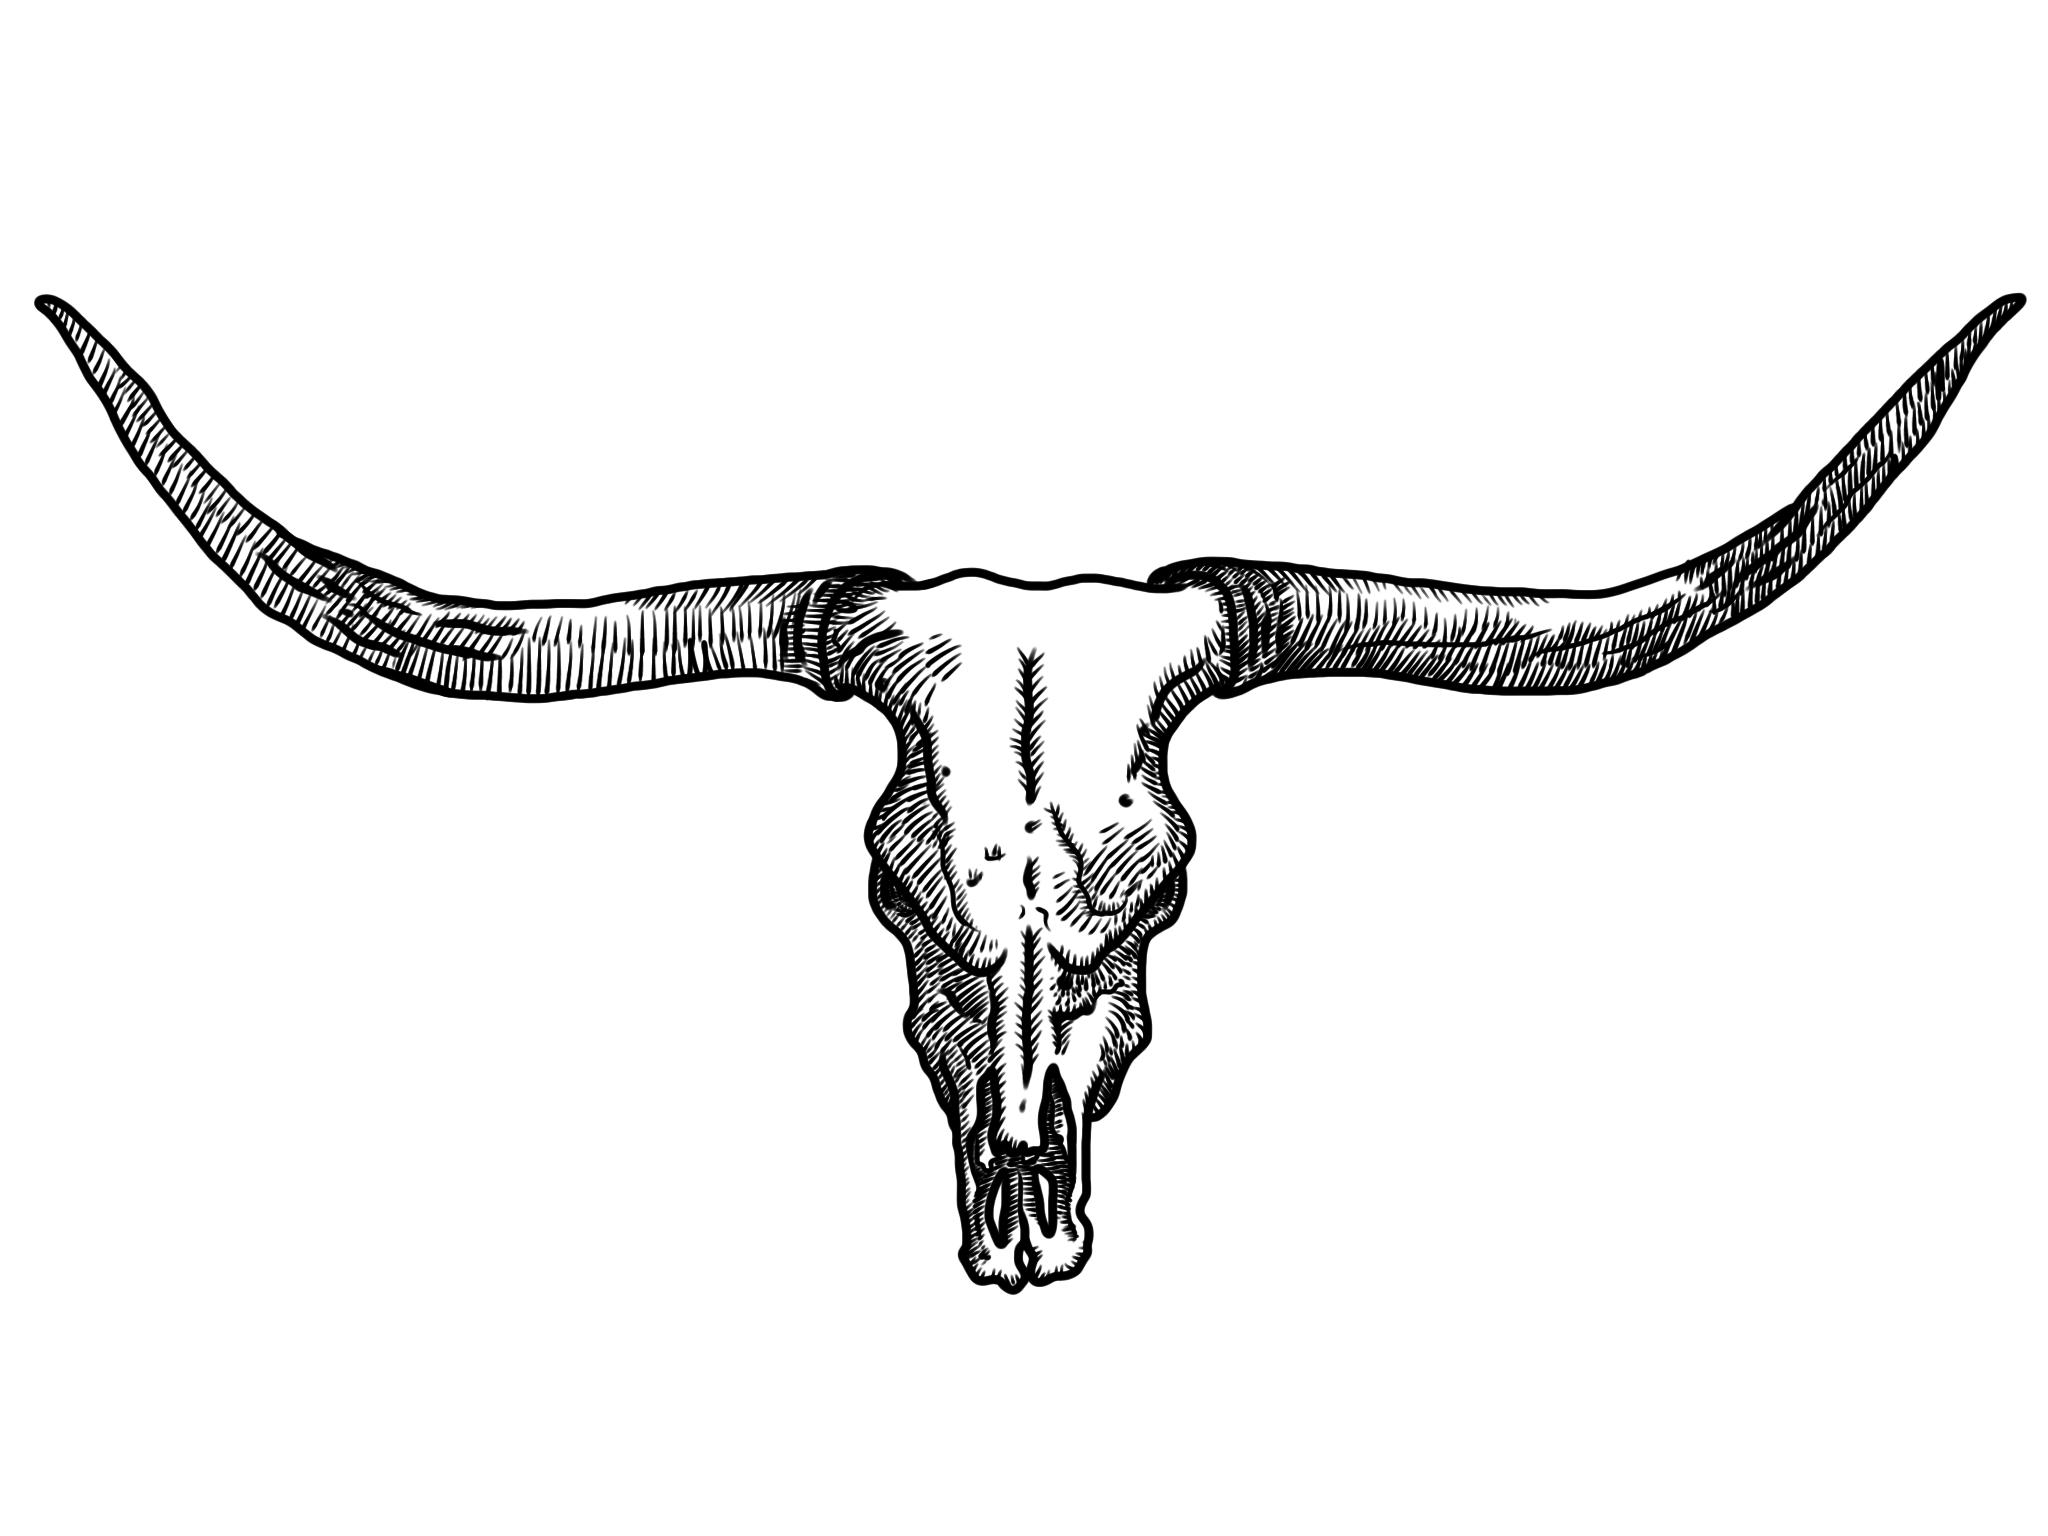 2013 02 11 00 12 31 0000 Png 2048 1536 Bull Skull Tattoos Bull Tattoos Cow Skull Tattoos